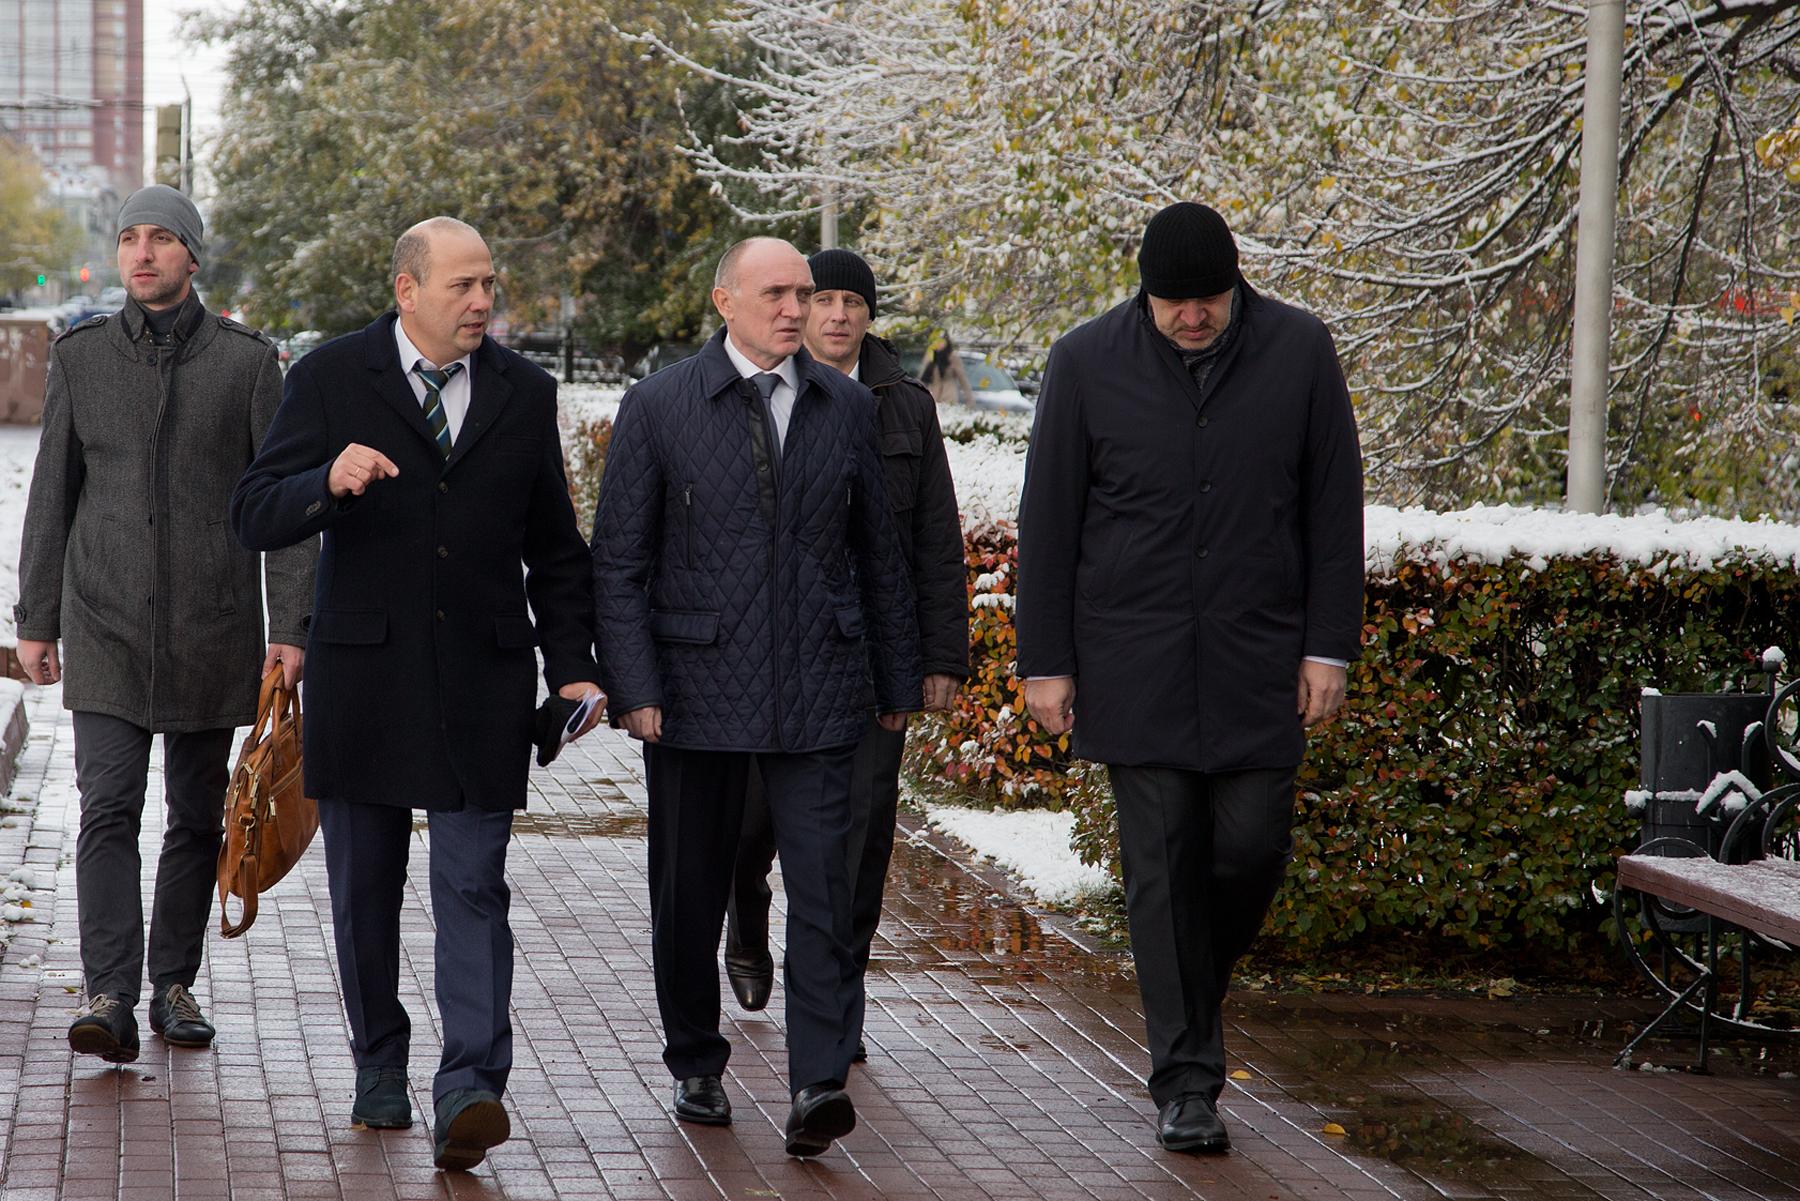 Губернатор Челябинской области Борис Дубровский осмотрел ряд объектов, на которых в настоящее вре